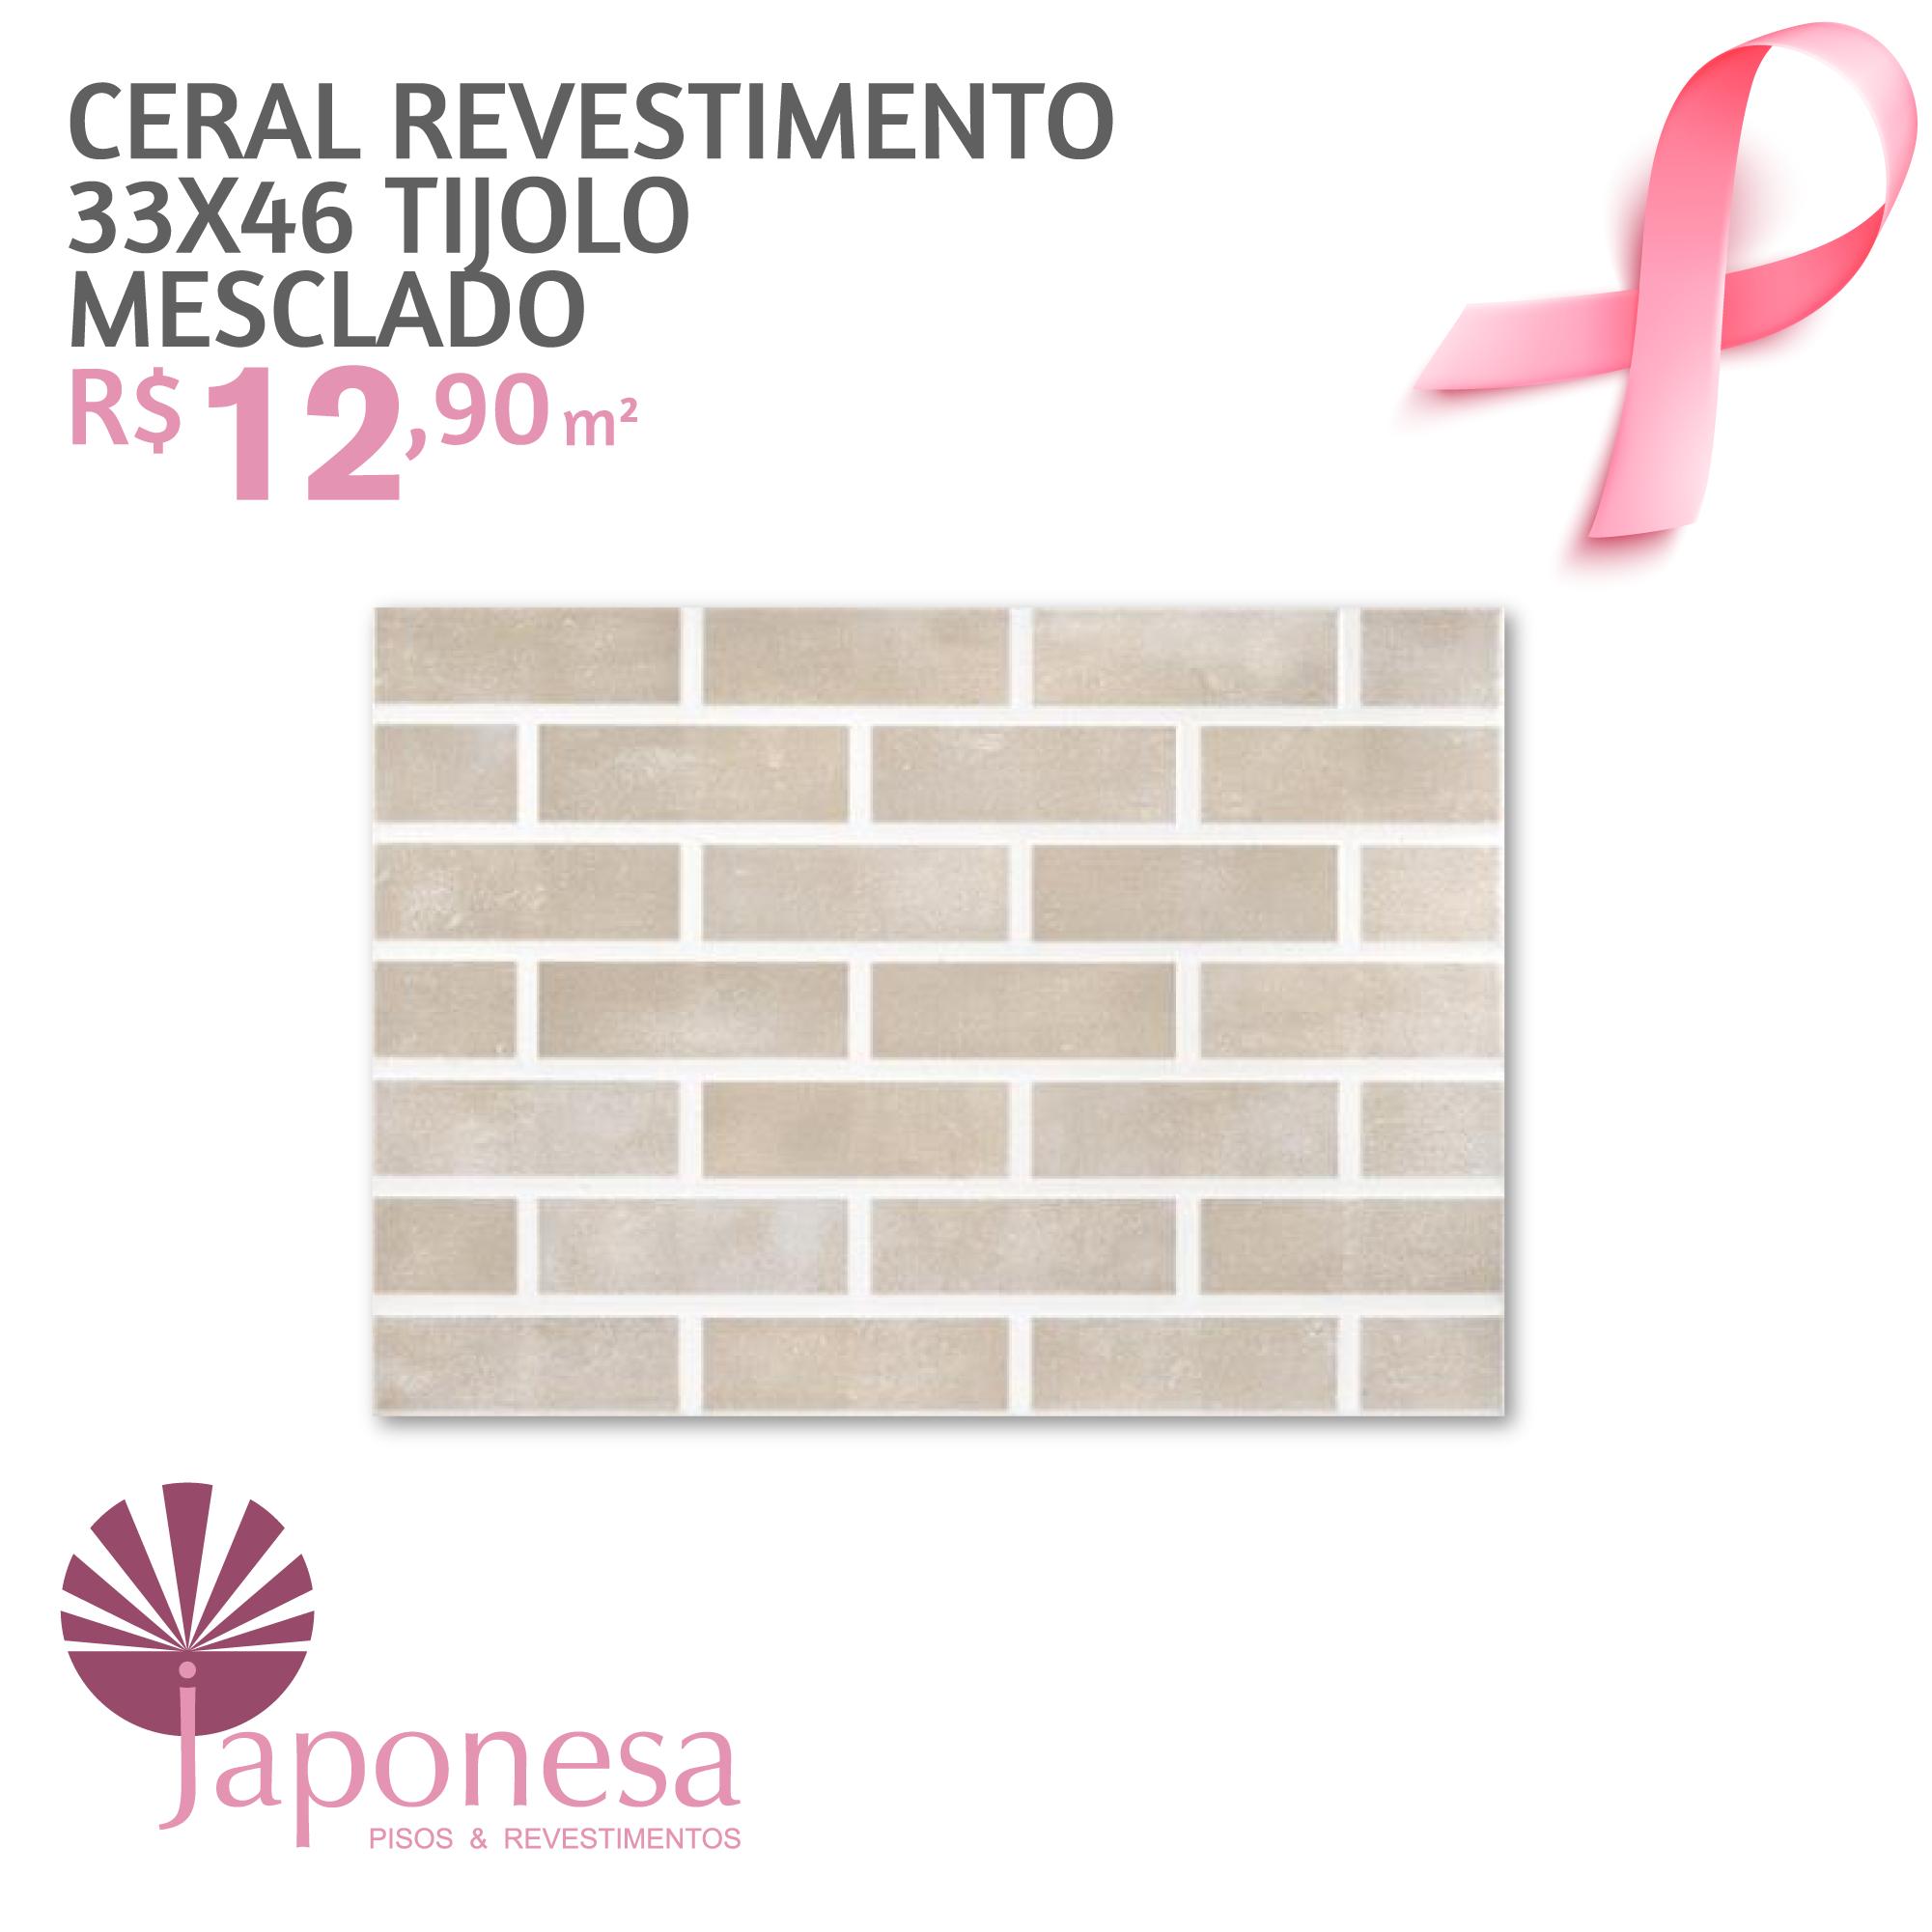 Ceral Revestimento 33×46 Tijolo Mesclado